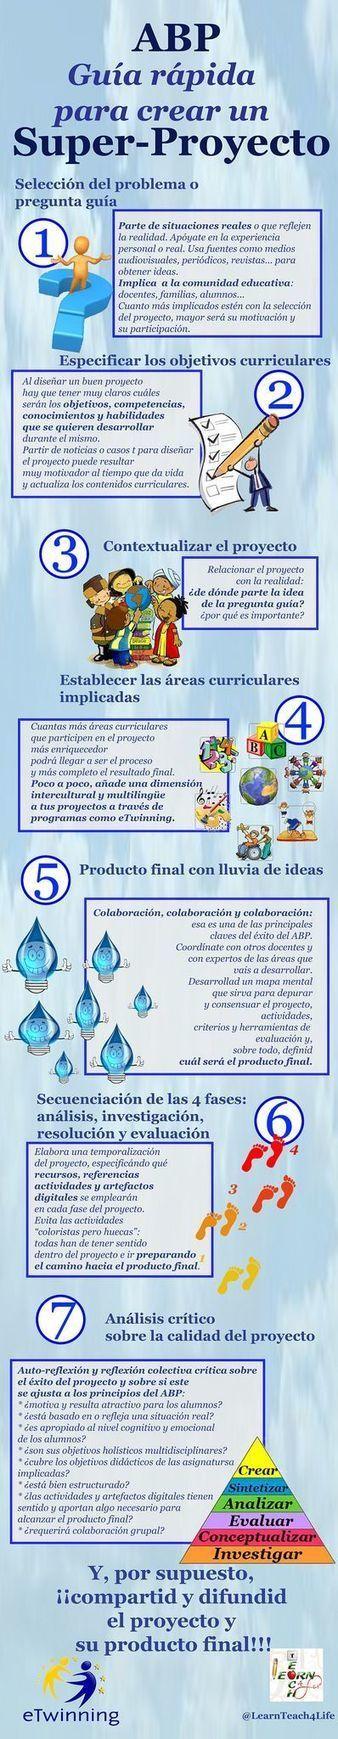 Aprendizaje por Proyectos – Guía Rápida y Plantilla de Implementación | Artículo | Plan de Formación | Scoop.it